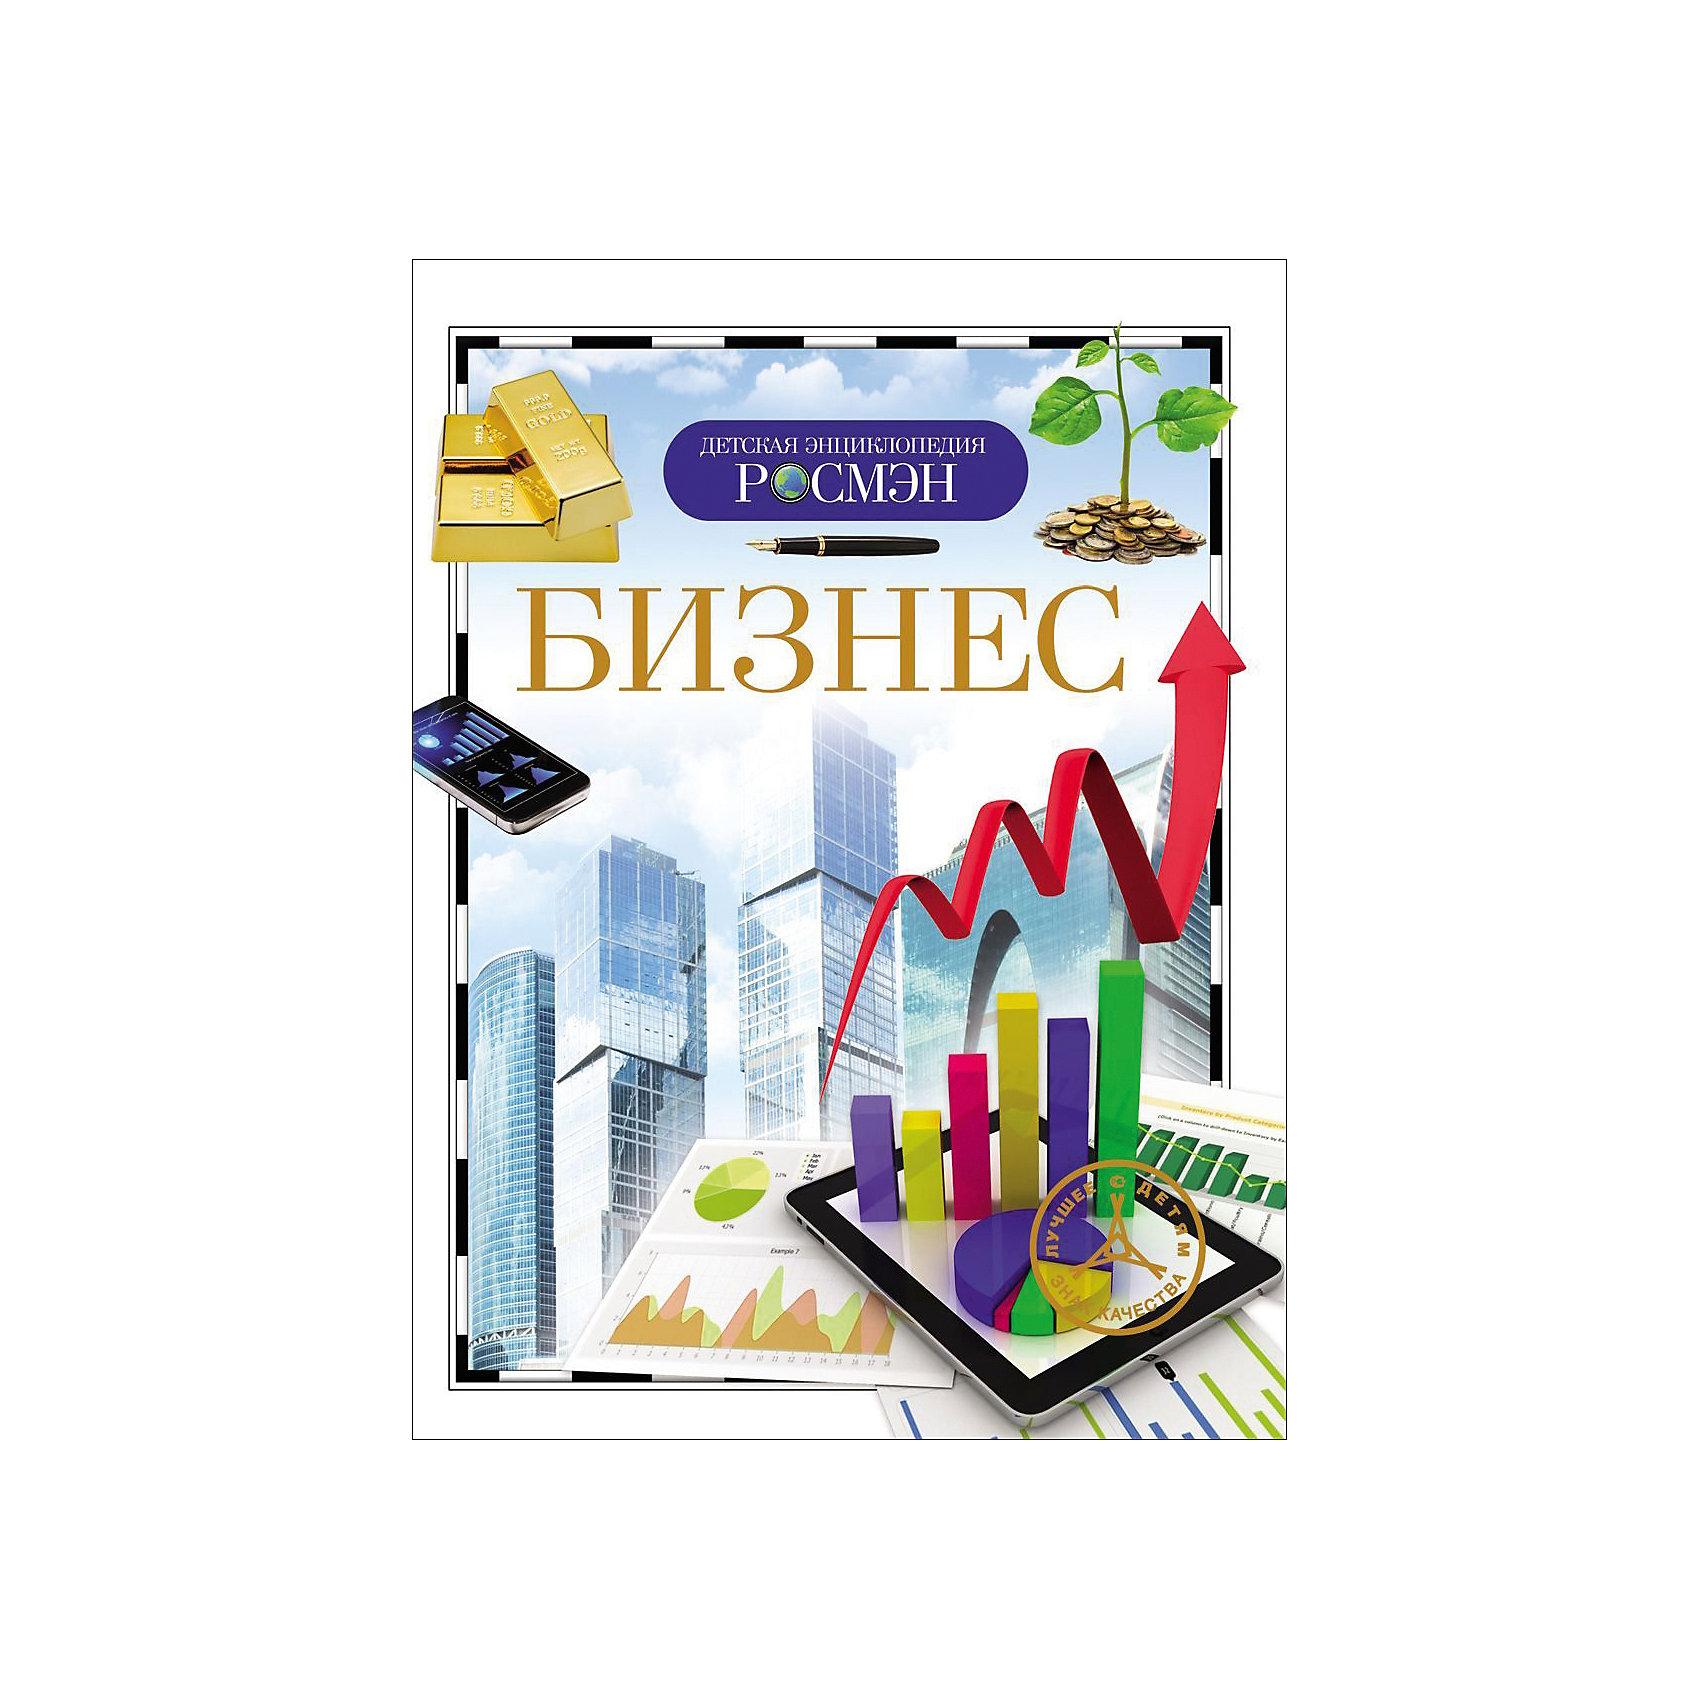 БизнесЭнциклопедии для школьников<br>Характеристики товара:<br><br>- цвет: разноцветный;<br>- материал: бумага;<br>- страниц: 96;<br>- формат: 17 x 21 см;<br>- обложка: твердая;<br>- цветные иллюстрации.<br><br>Эта интересная книга с иллюстрациями станет отличным подарком для ребенка. Она содержит в себе ответы на вопросы, которые интересуют малышей. Всё представлено в очень простой форме! Талантливый иллюстратор дополнил книгу качественными рисунками, которые помогают ребенку понять суть многих вещей в нашем мире. Удивительные и интересные факты помогут привить любовь к учебе!<br>Чтение - отличный способ активизации мышления, оно помогает ребенку развивать зрительную память, концентрацию внимания и воображение. Издание произведено из качественных материалов, которые безопасны даже для самых маленьких.<br><br>Книгу Бизнес от компании Росмэн можно купить в нашем интернет-магазине.<br><br>Ширина мм: 220<br>Глубина мм: 165<br>Высота мм: 7<br>Вес г: 227<br>Возраст от месяцев: 84<br>Возраст до месяцев: 108<br>Пол: Унисекс<br>Возраст: Детский<br>SKU: 5109976